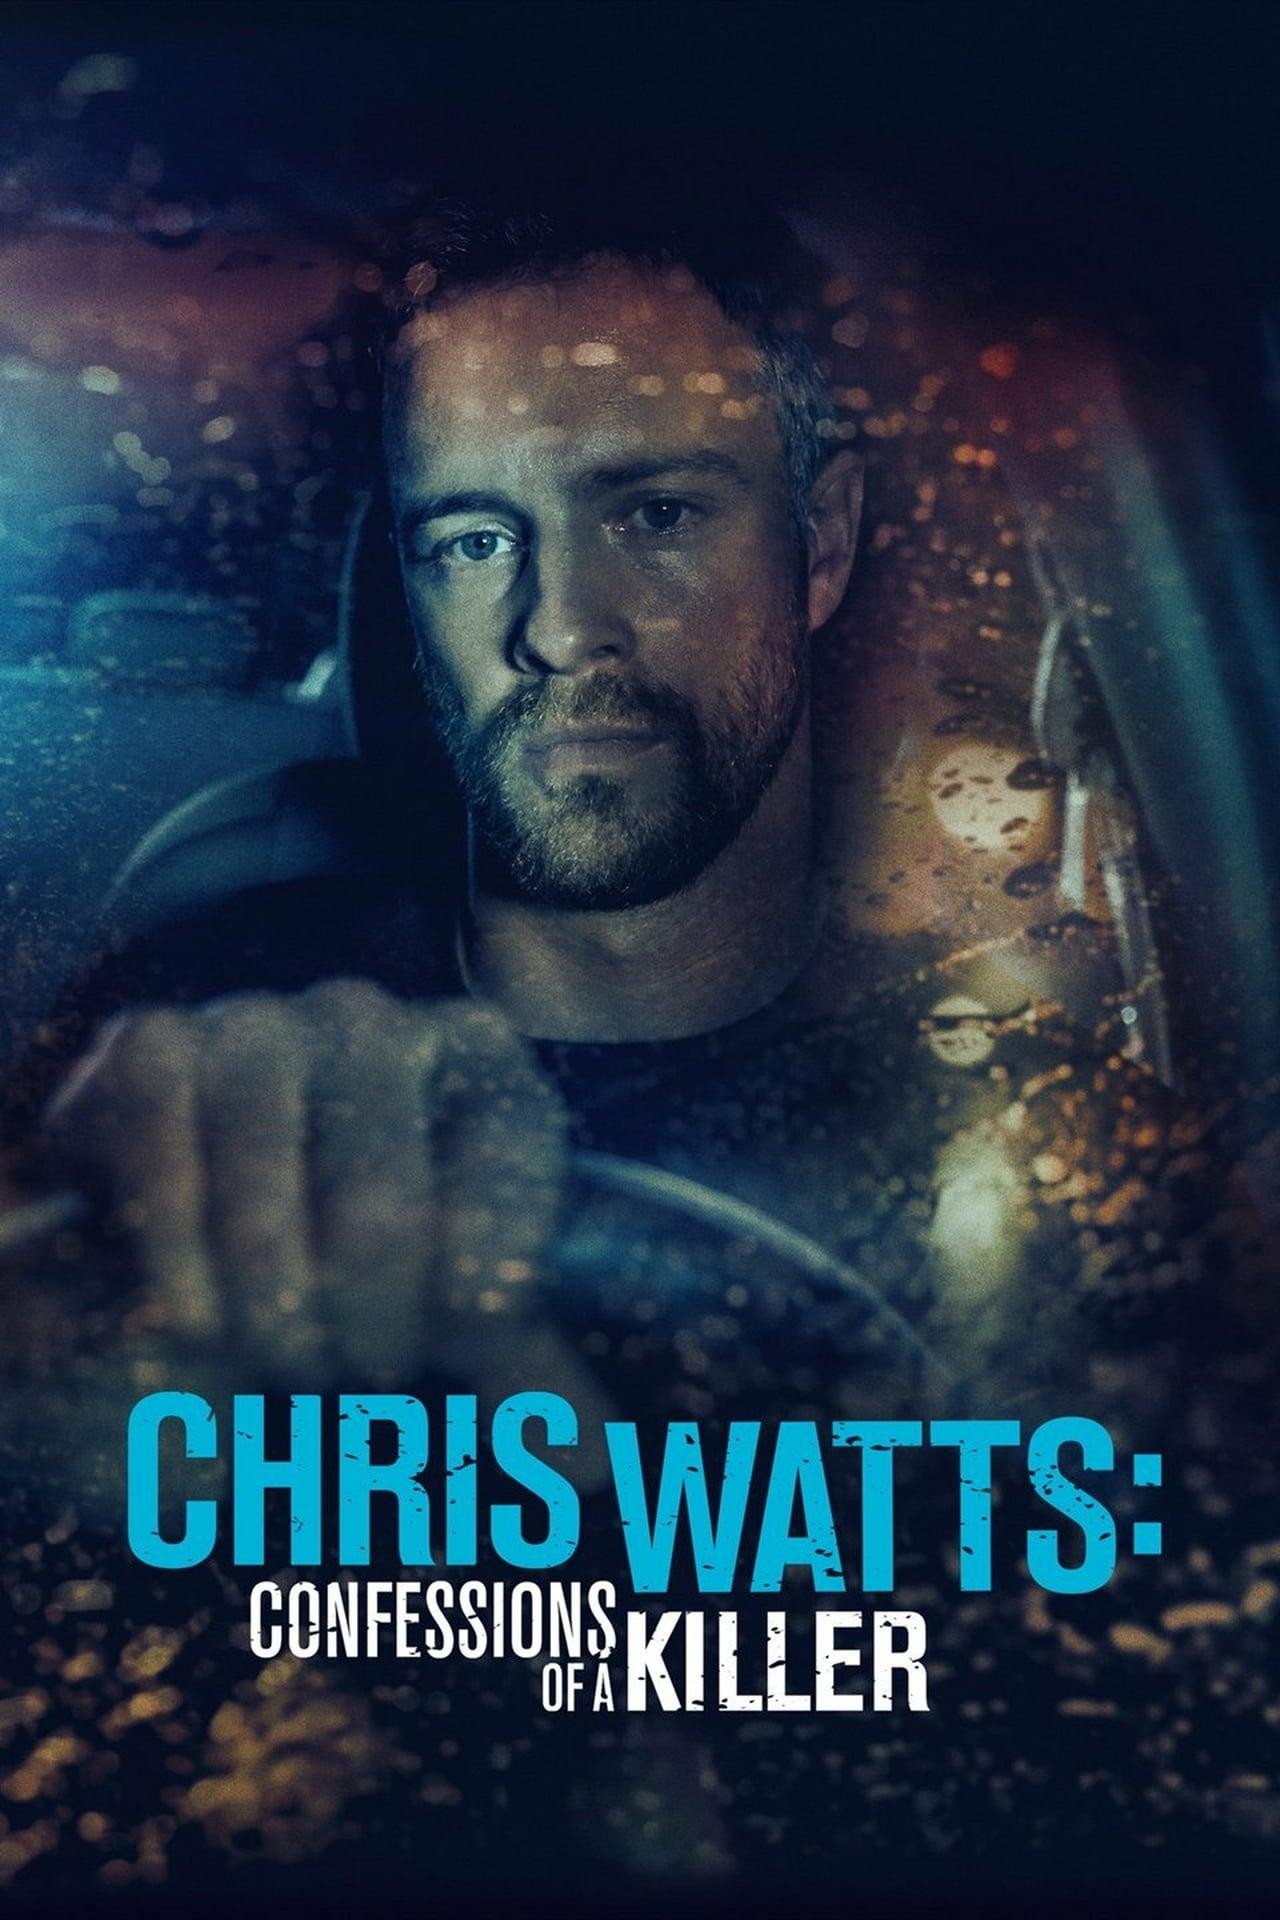 ดูหนังออนไลน์ฟรี Chris Watts Confessions of a Killer (2020)